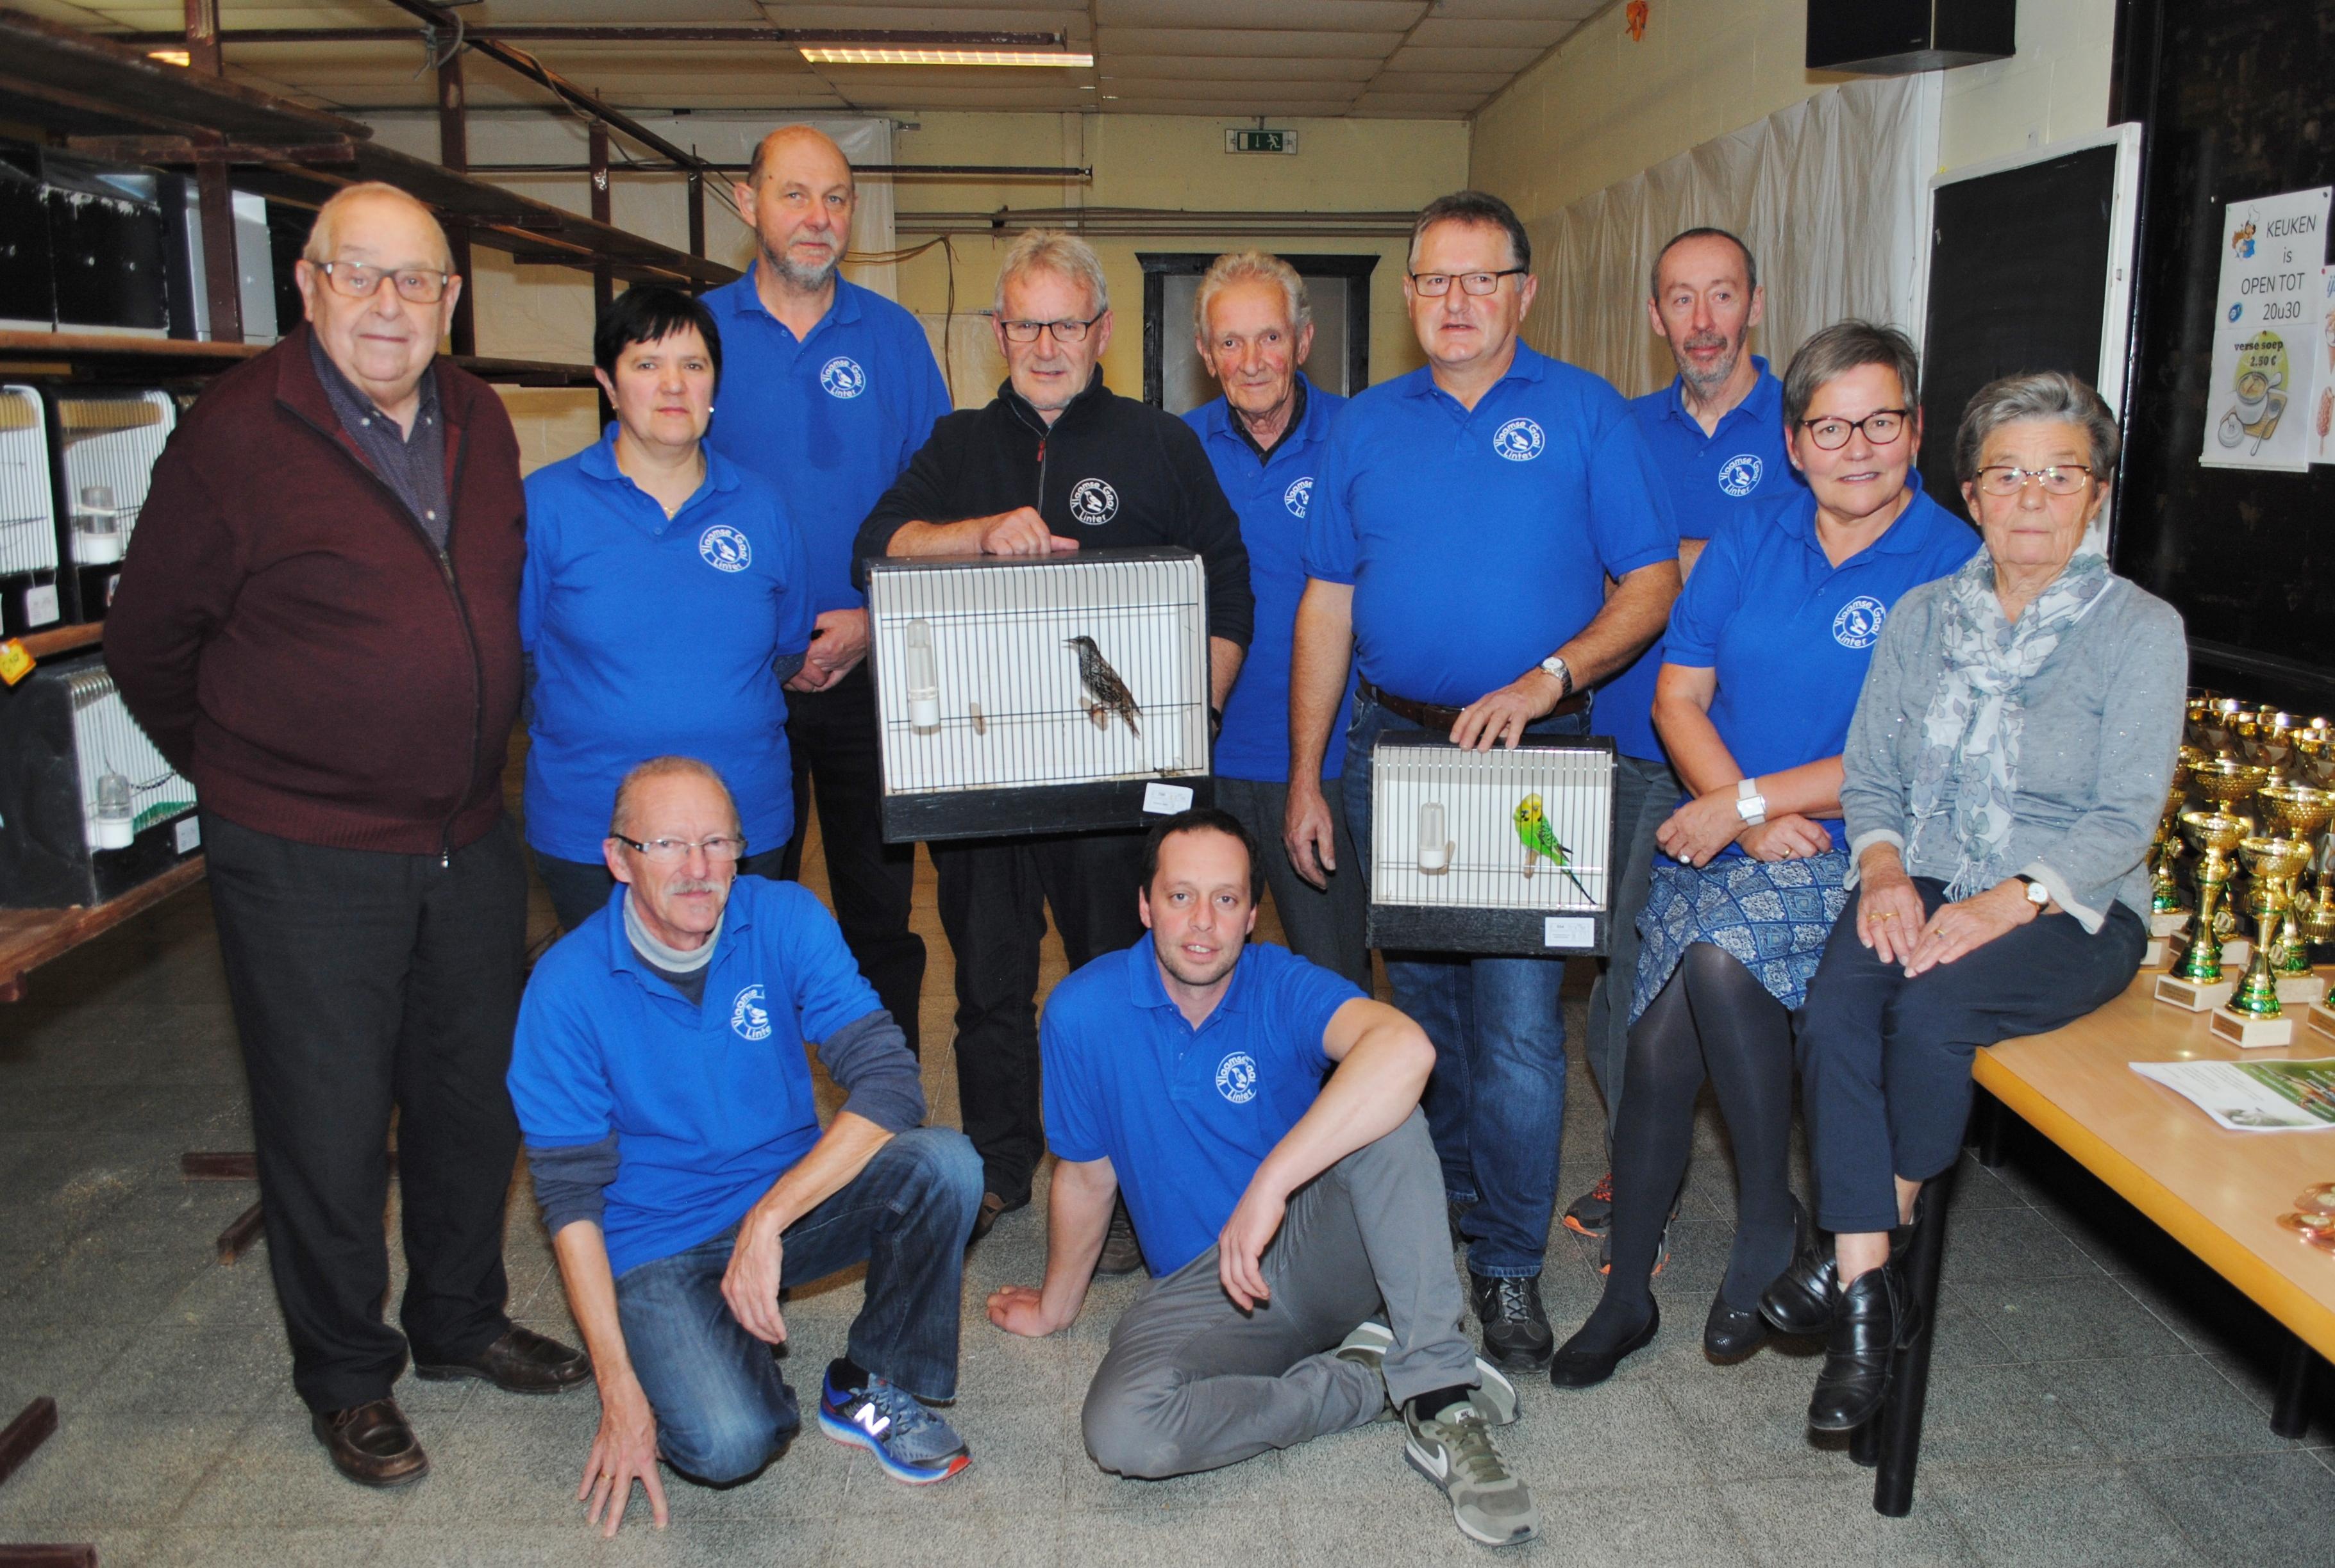 De Vlaamse Gaai houdt jaarlijkse tentoonstelling in voetbalk... (Linter) - Het Nieuwsblad